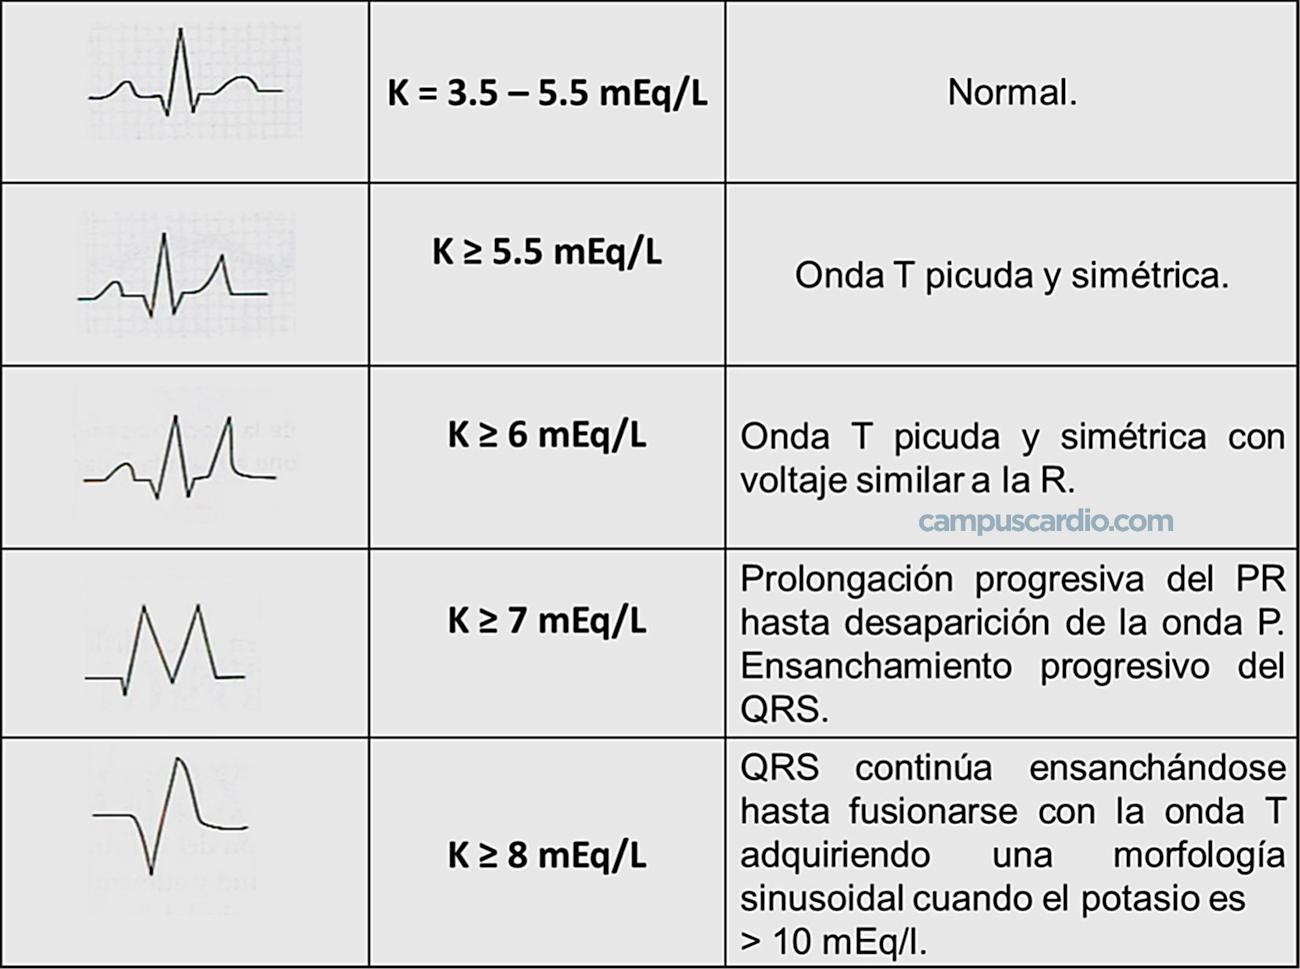 alteraciones-ekg-en-la-hiperpotasemia-campuscardio